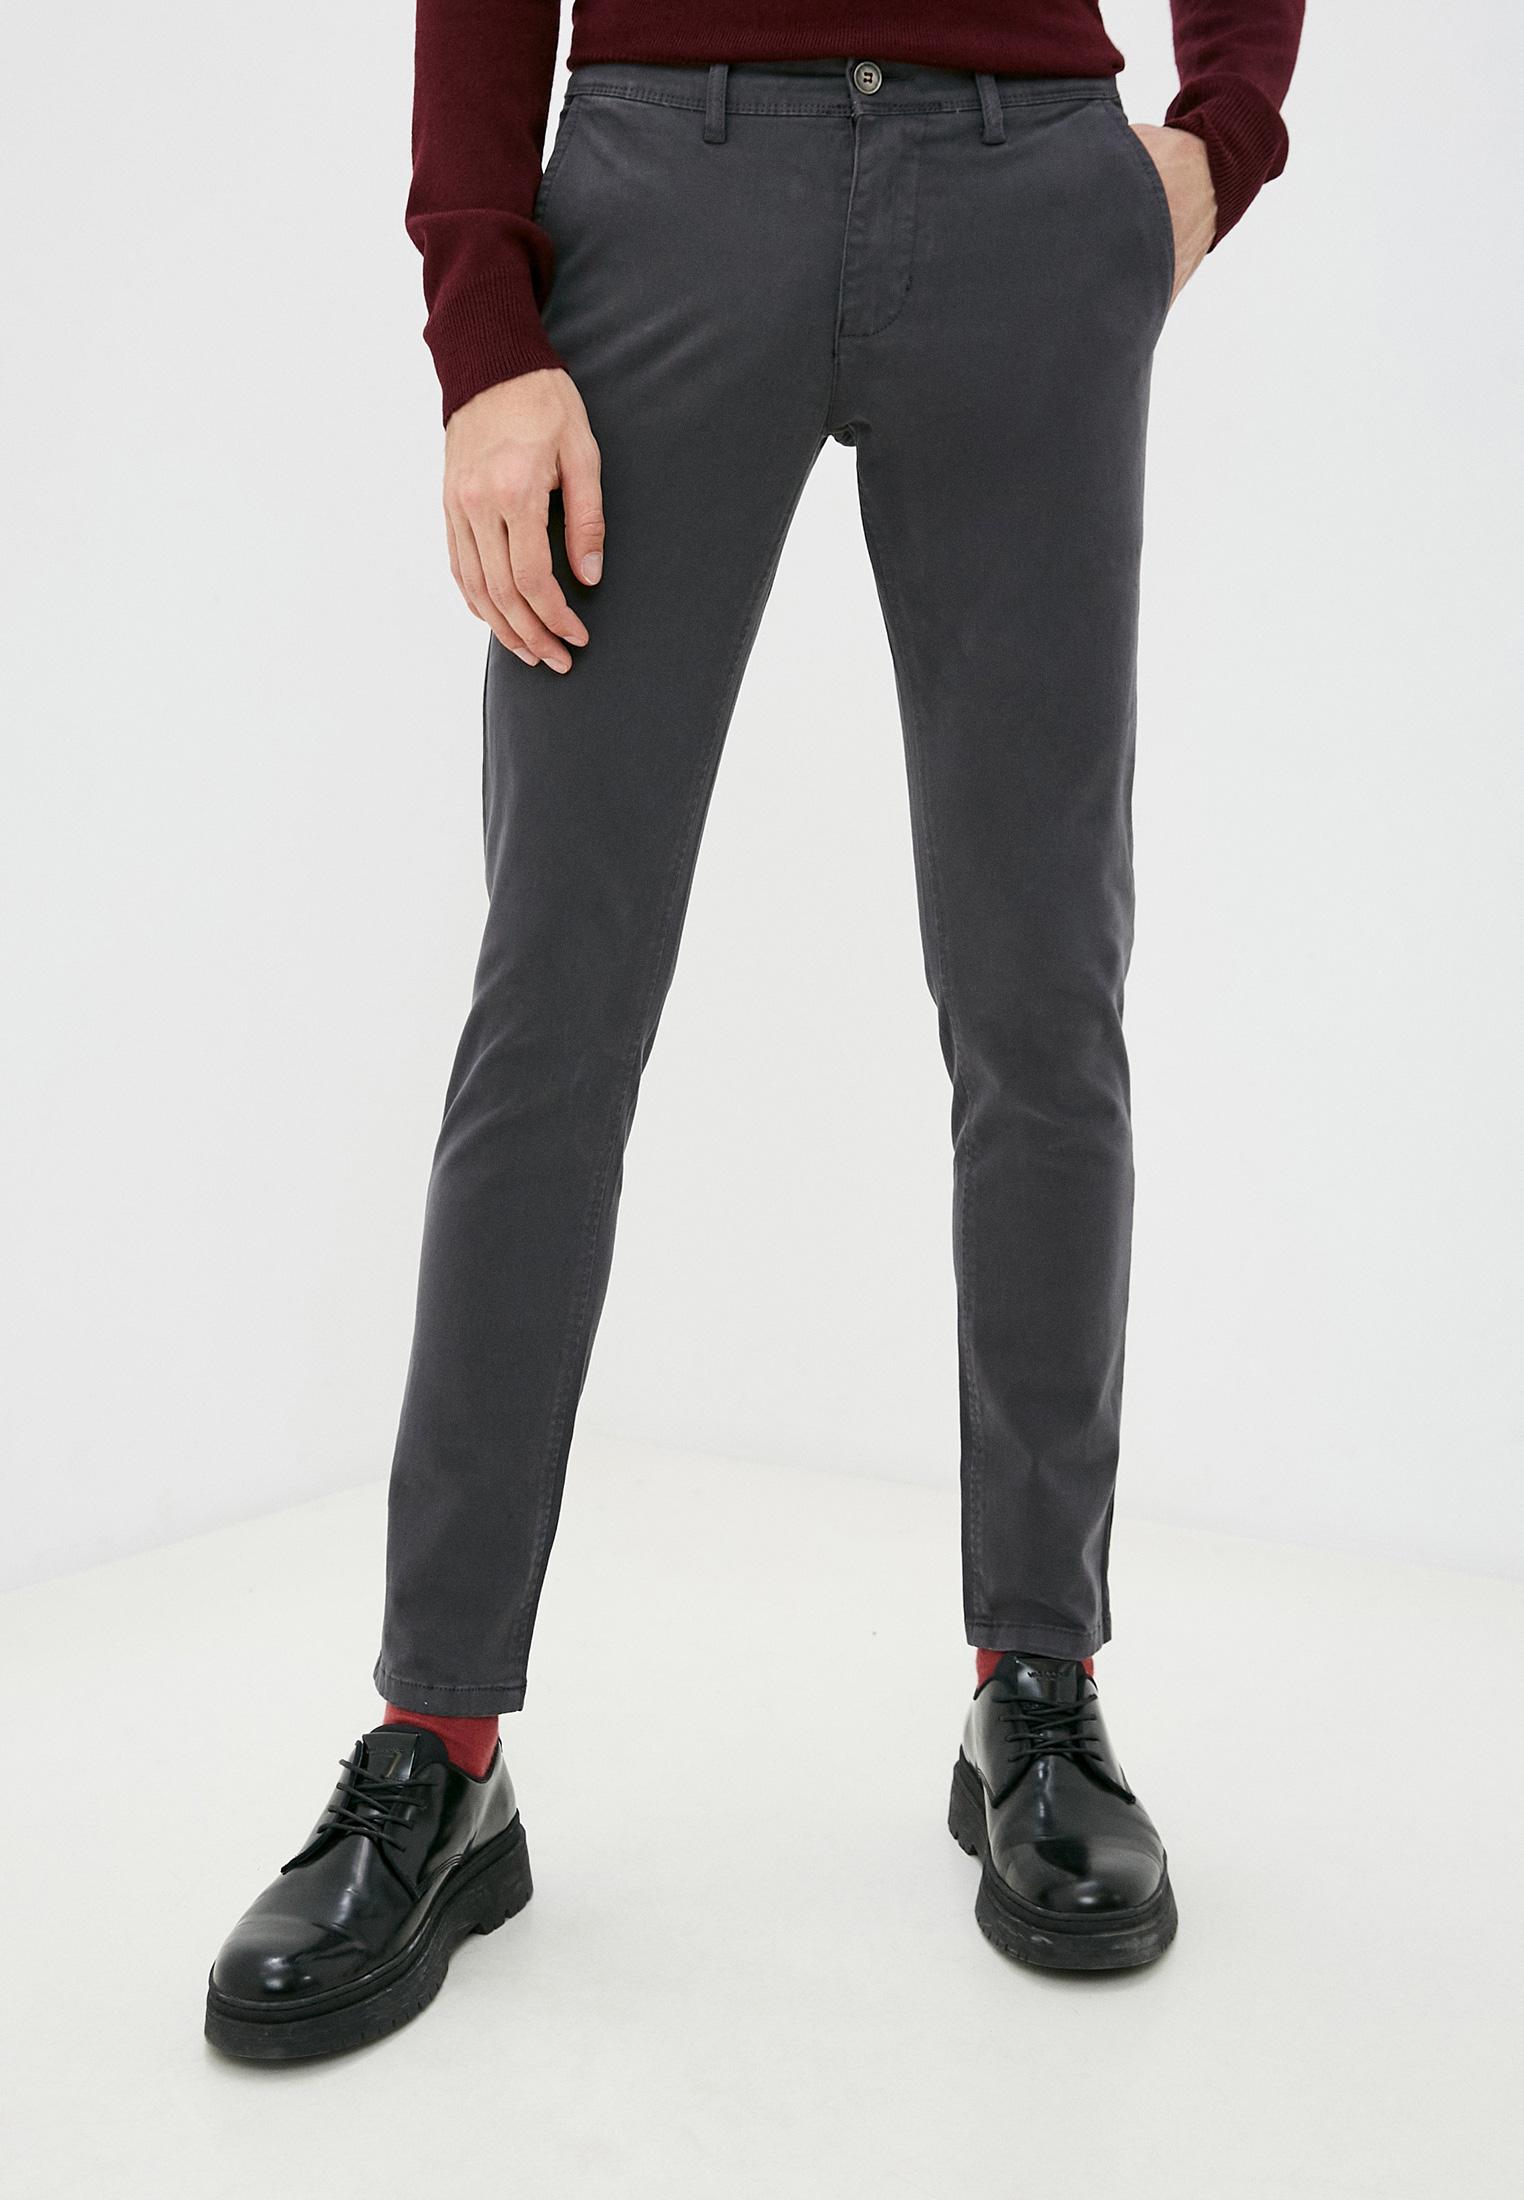 Мужские повседневные брюки Old Seams PA-9815